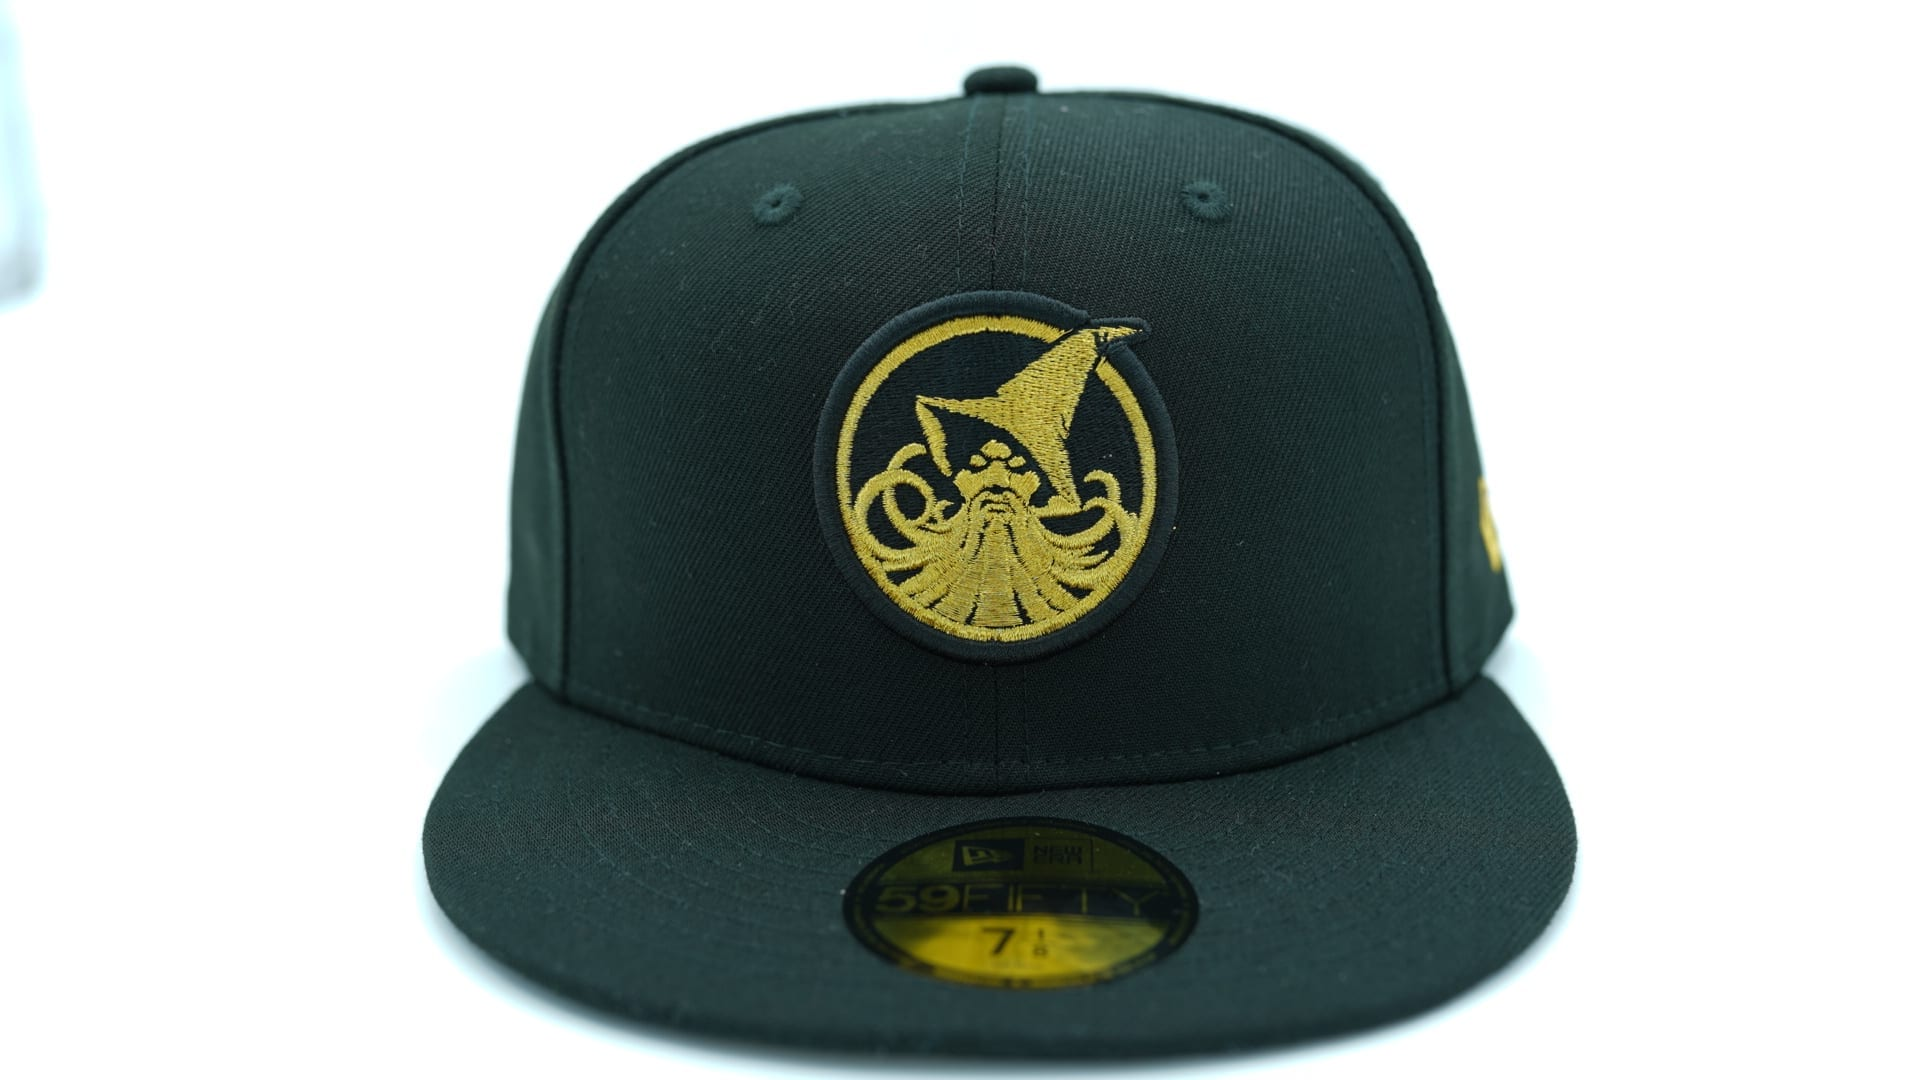 yohji yamamoto grey ss17 59fifty fitted baseball cap yohji yamamoto new era